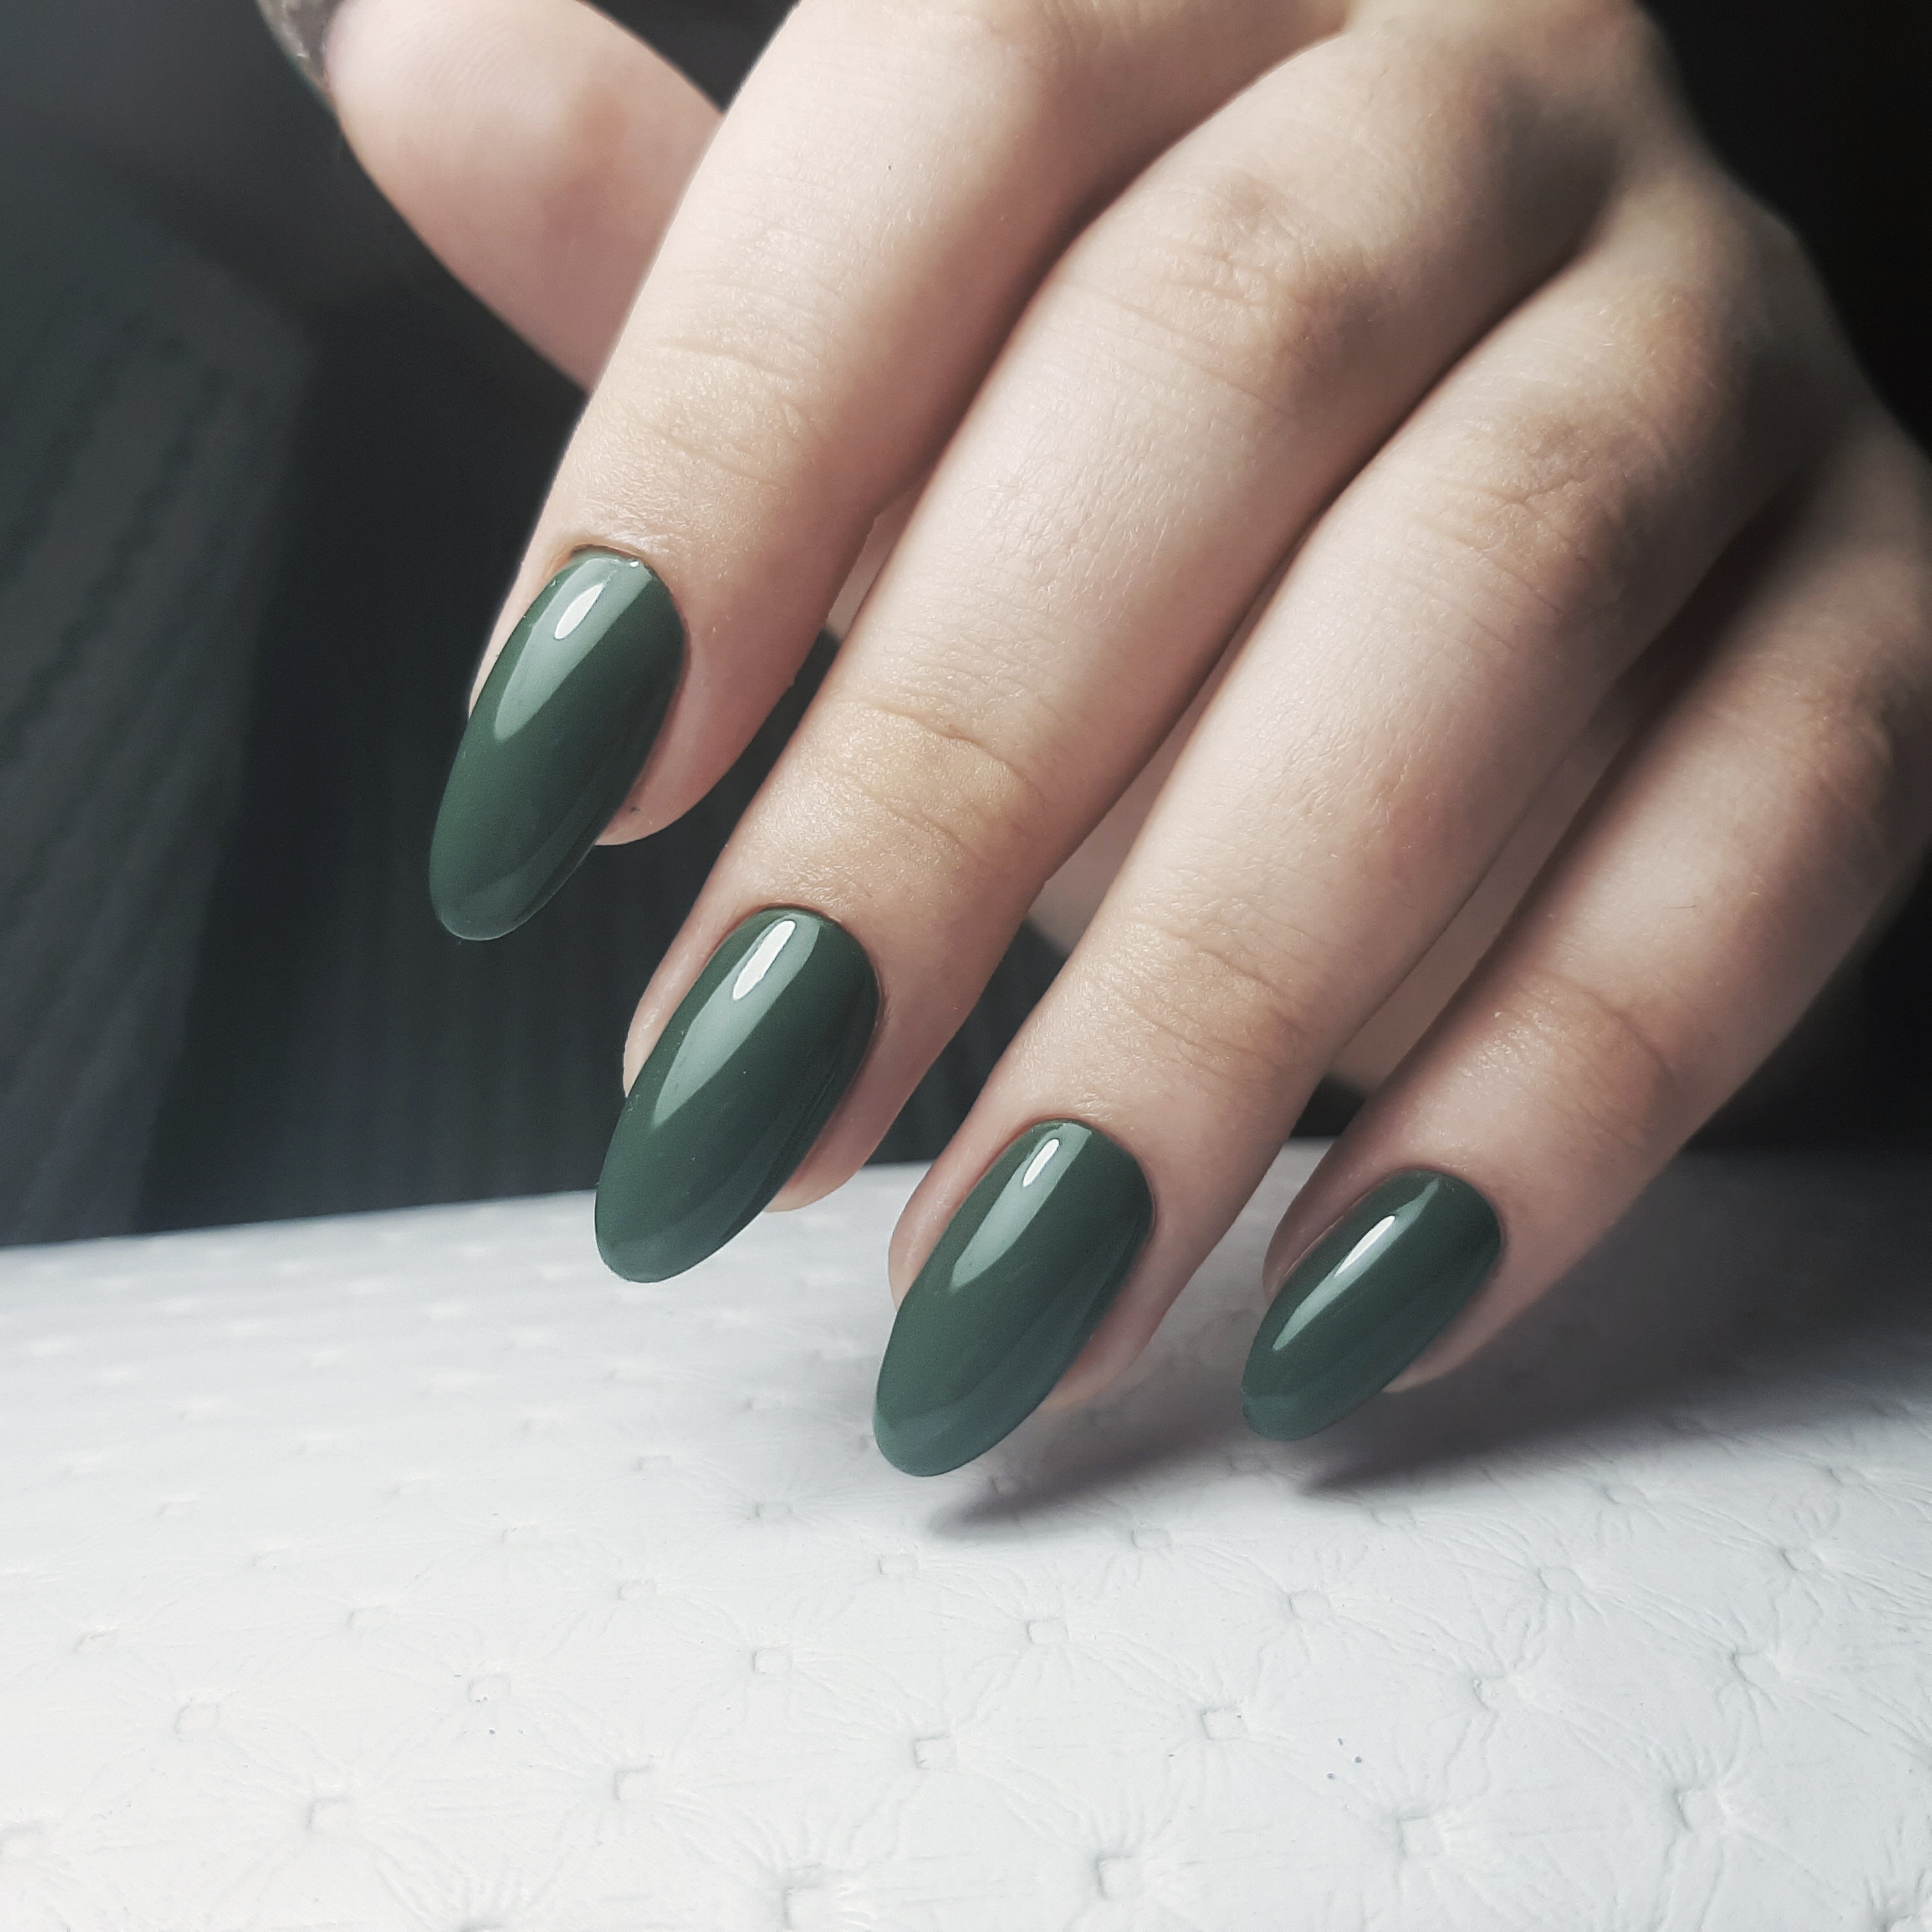 Однотонный маникюр в тёмно-зелёном цвете.